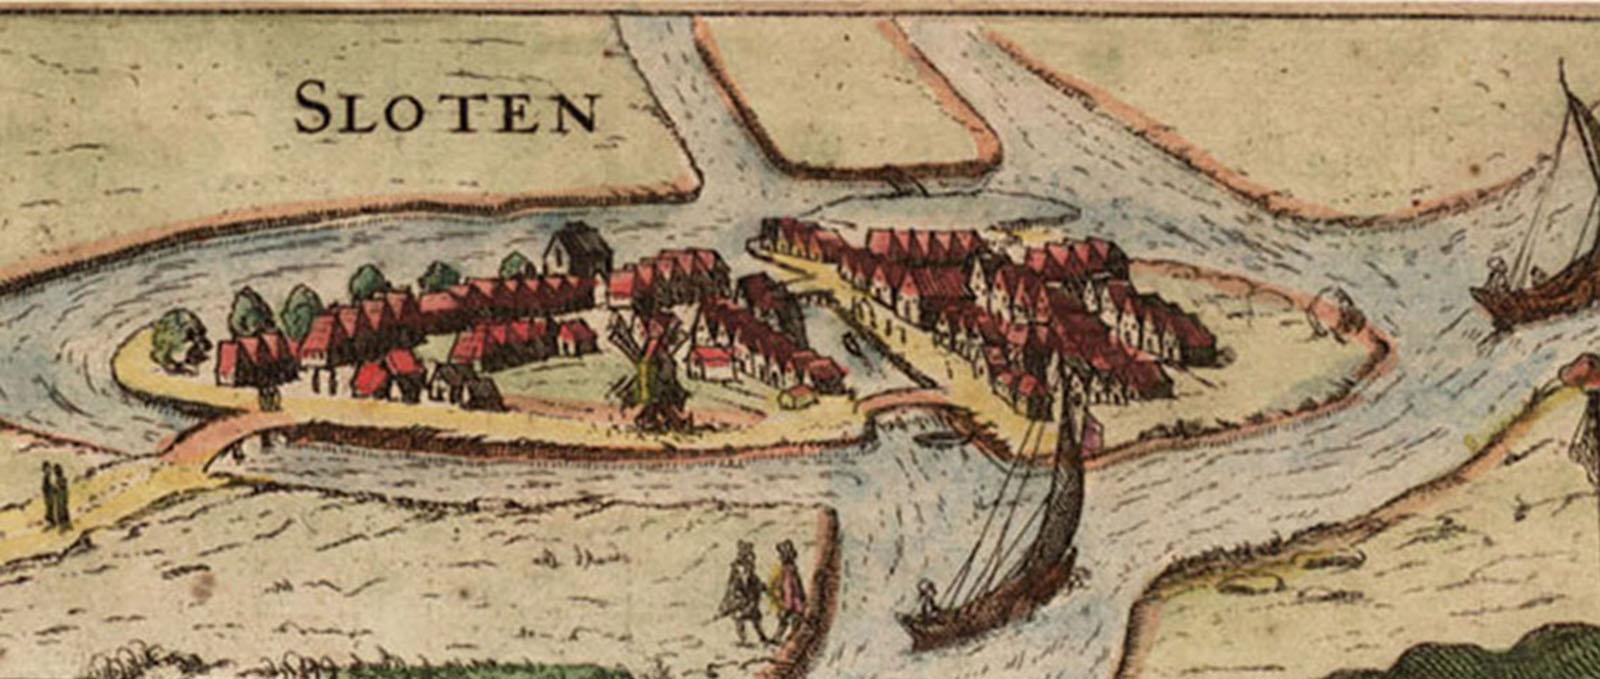 Kaart van historisch Sloten